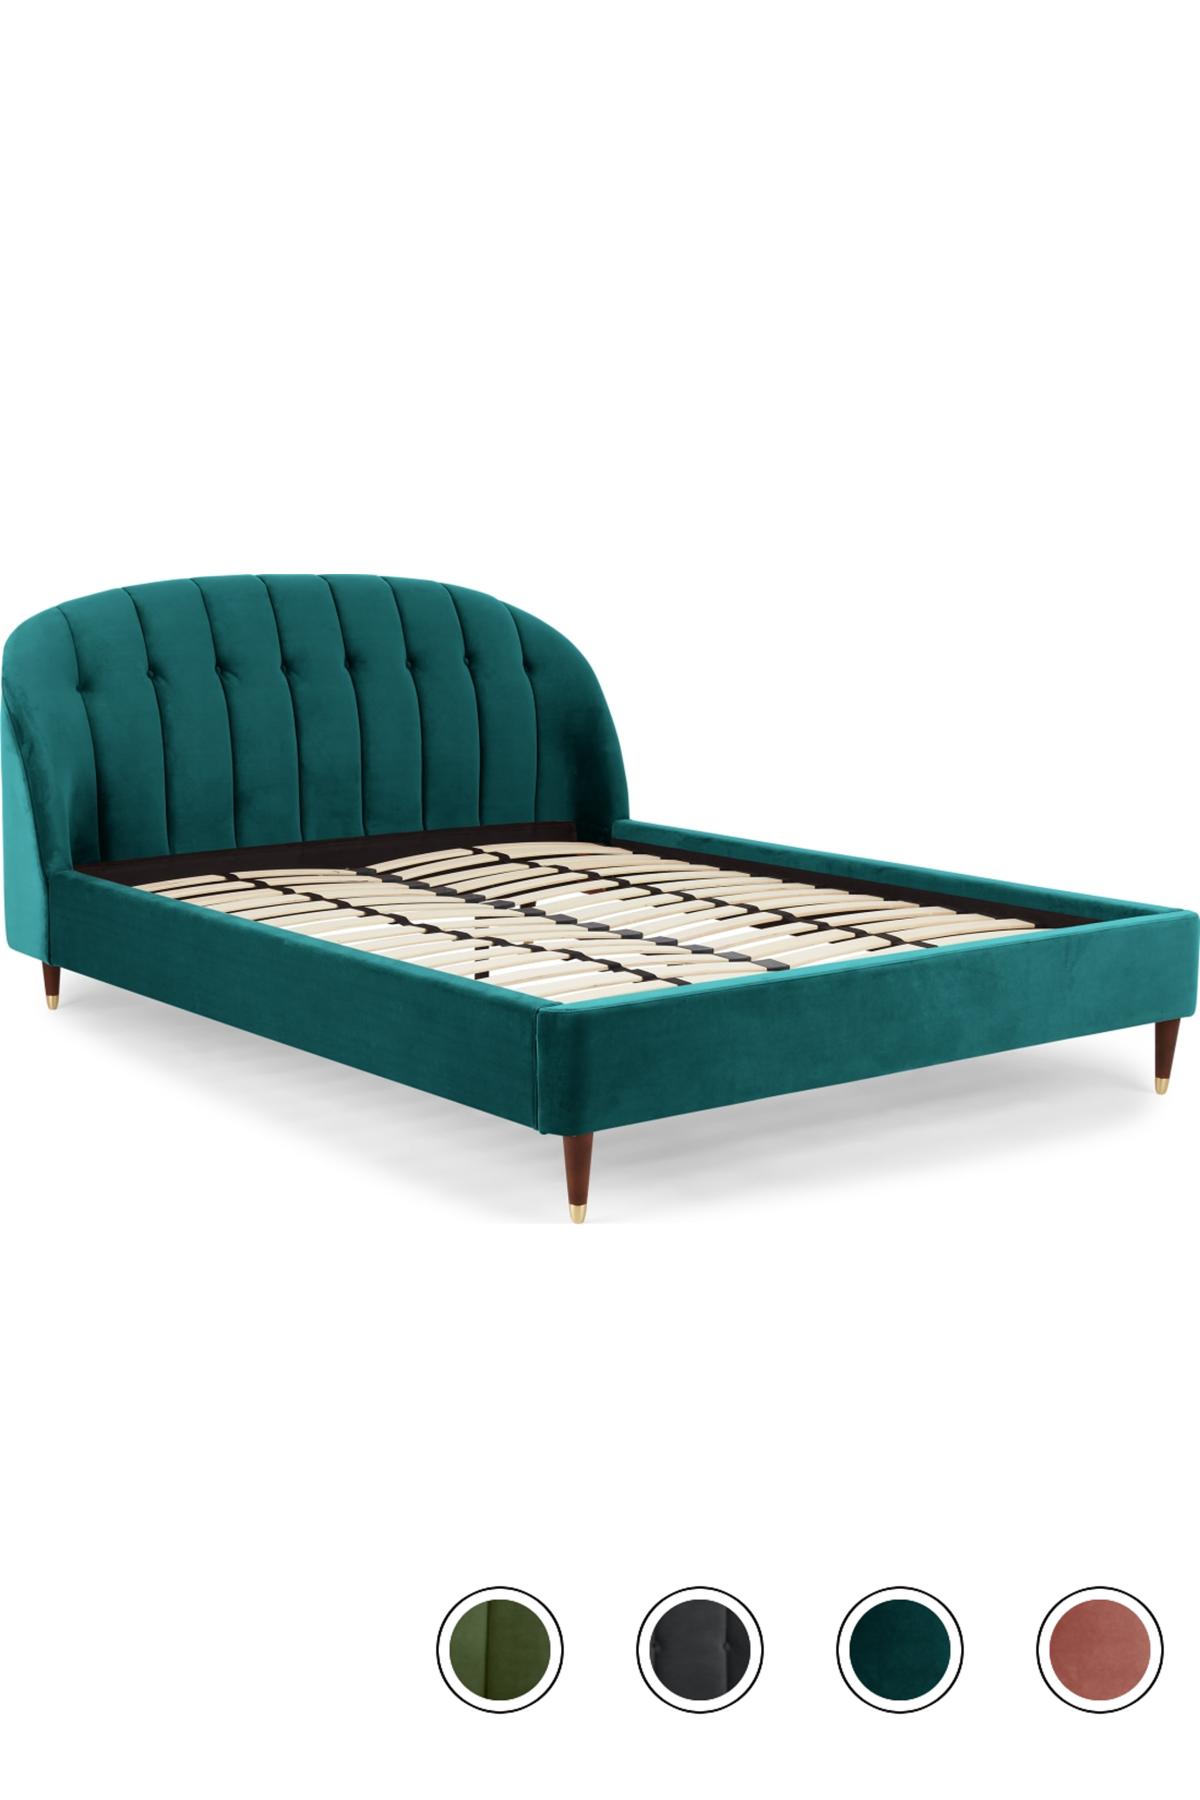 Margot King Size Bed, Seafoam Blue Velvet Velvet